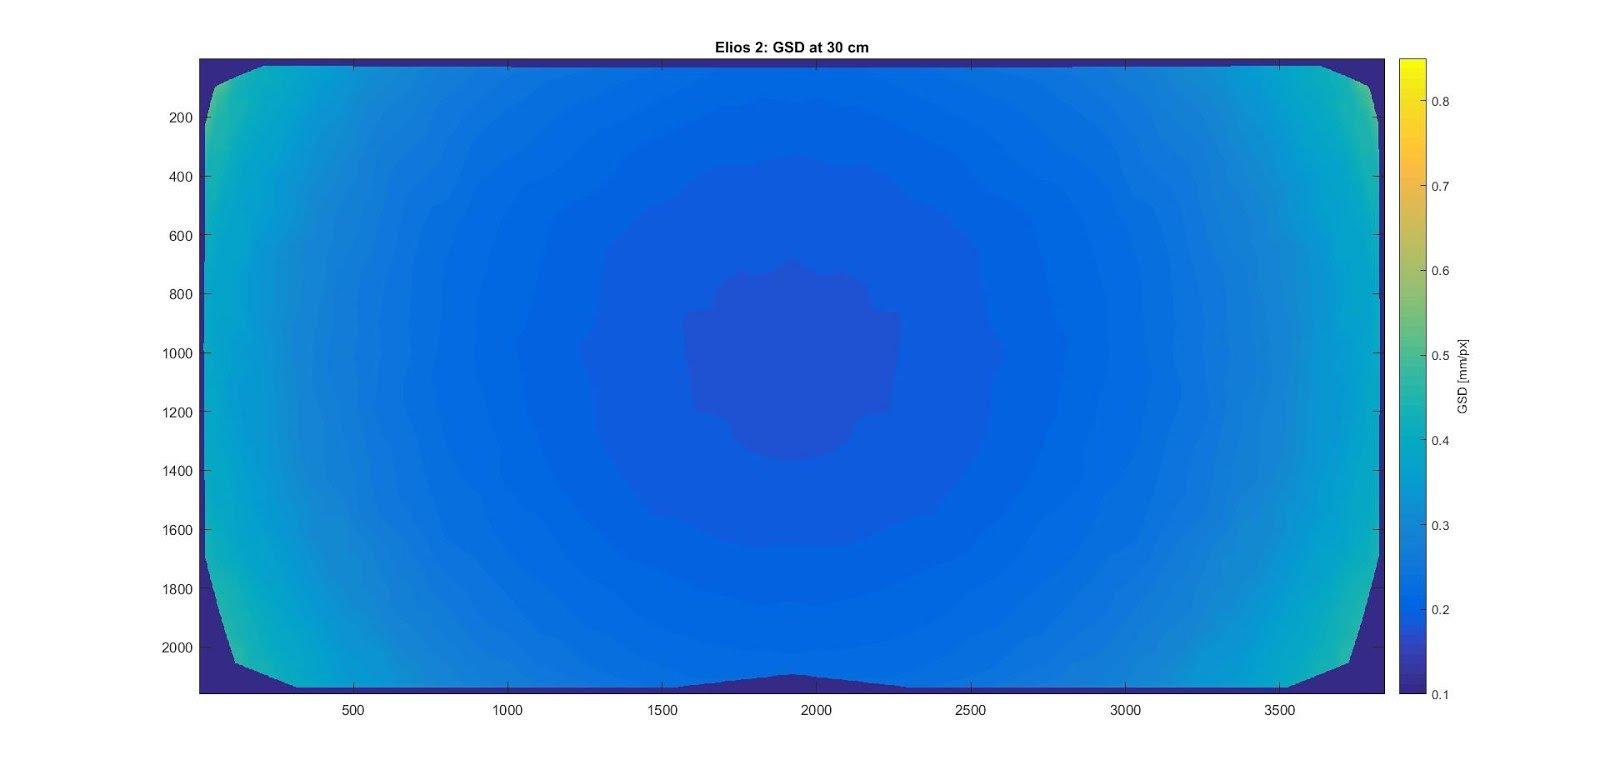 elios-2-gsd-at-30-cm